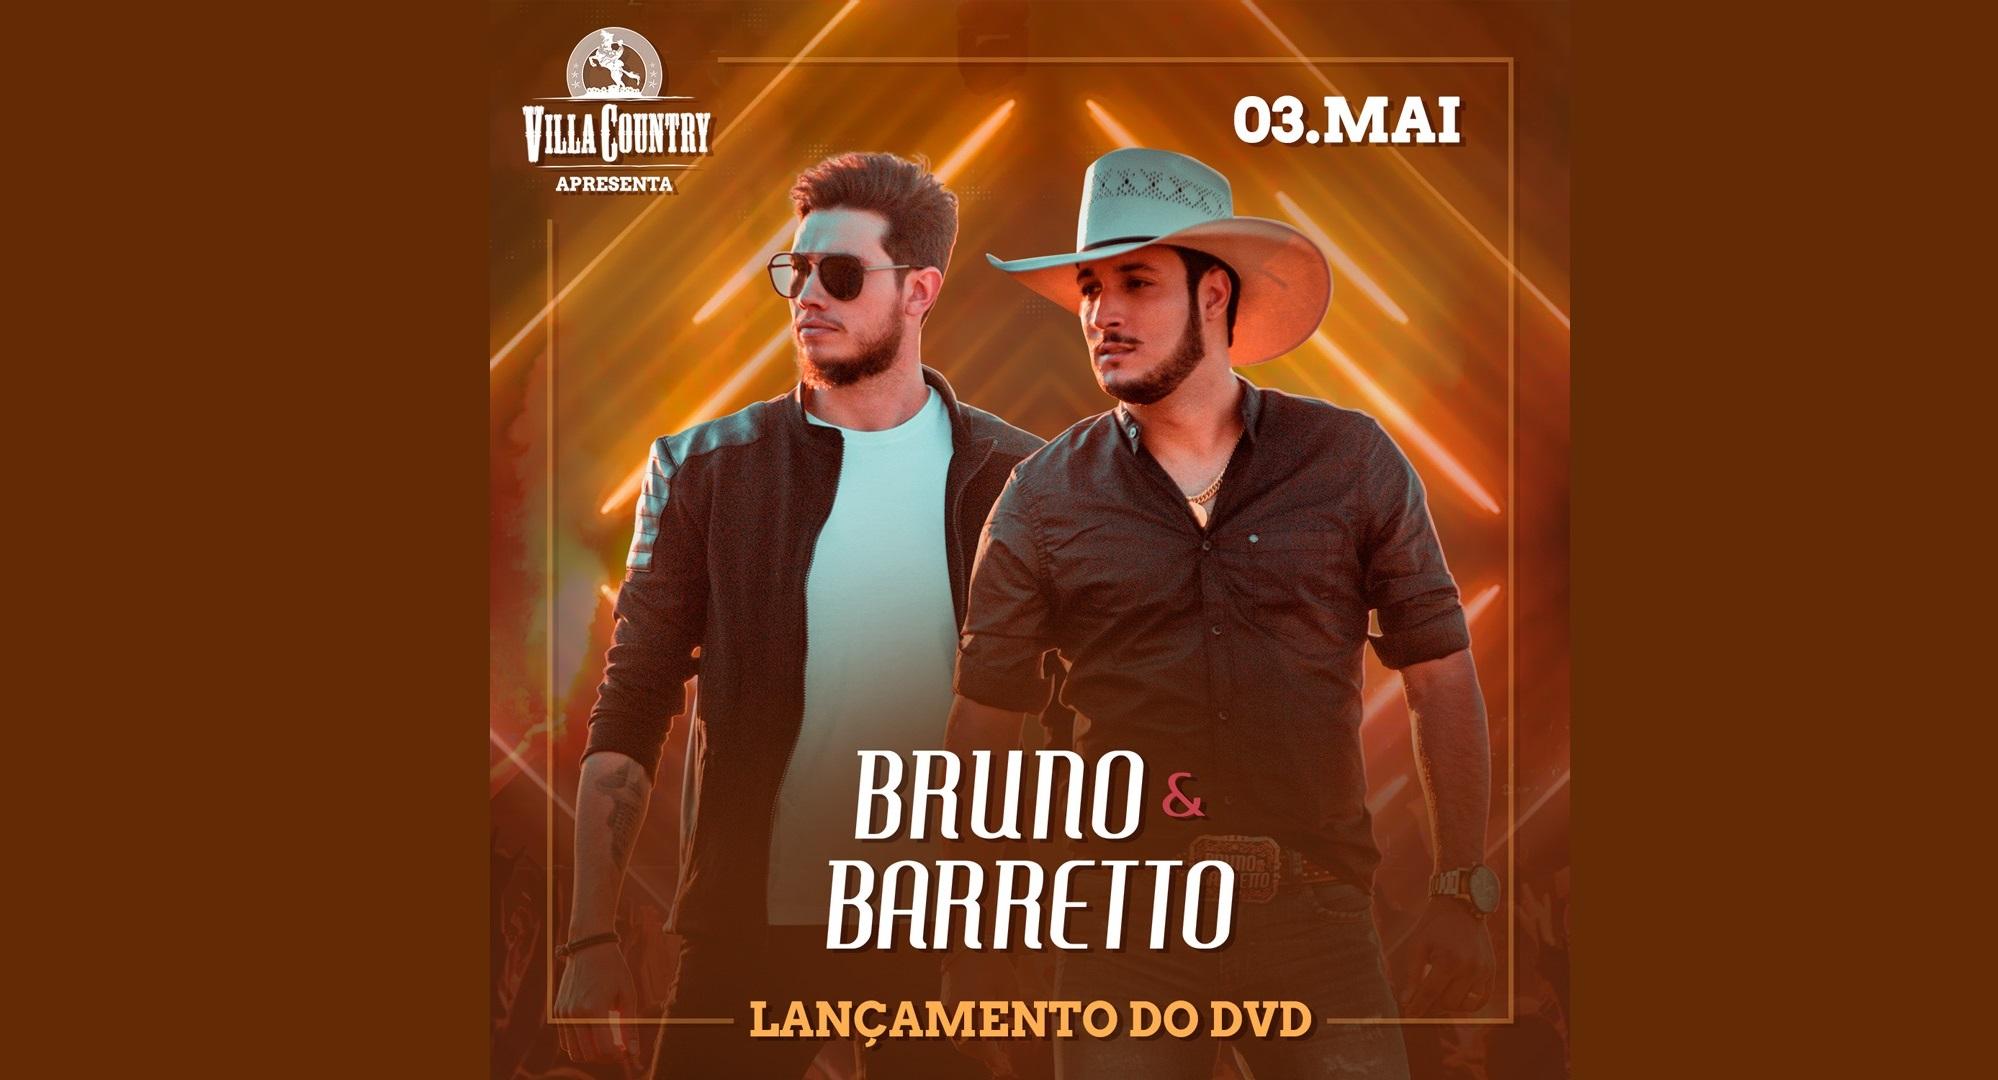 Bruno & Barretto fazem lançamento do DVD gravado nos EUA no Villa Country 41